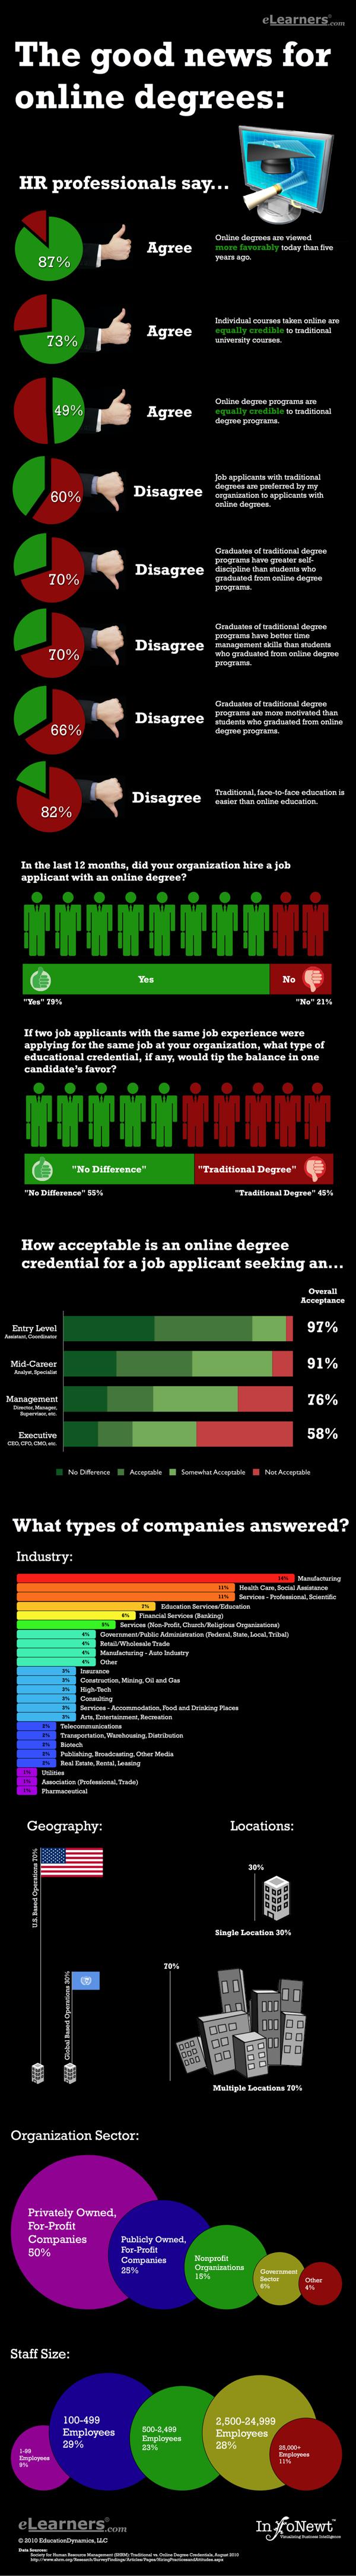 Good News for Online Degrees